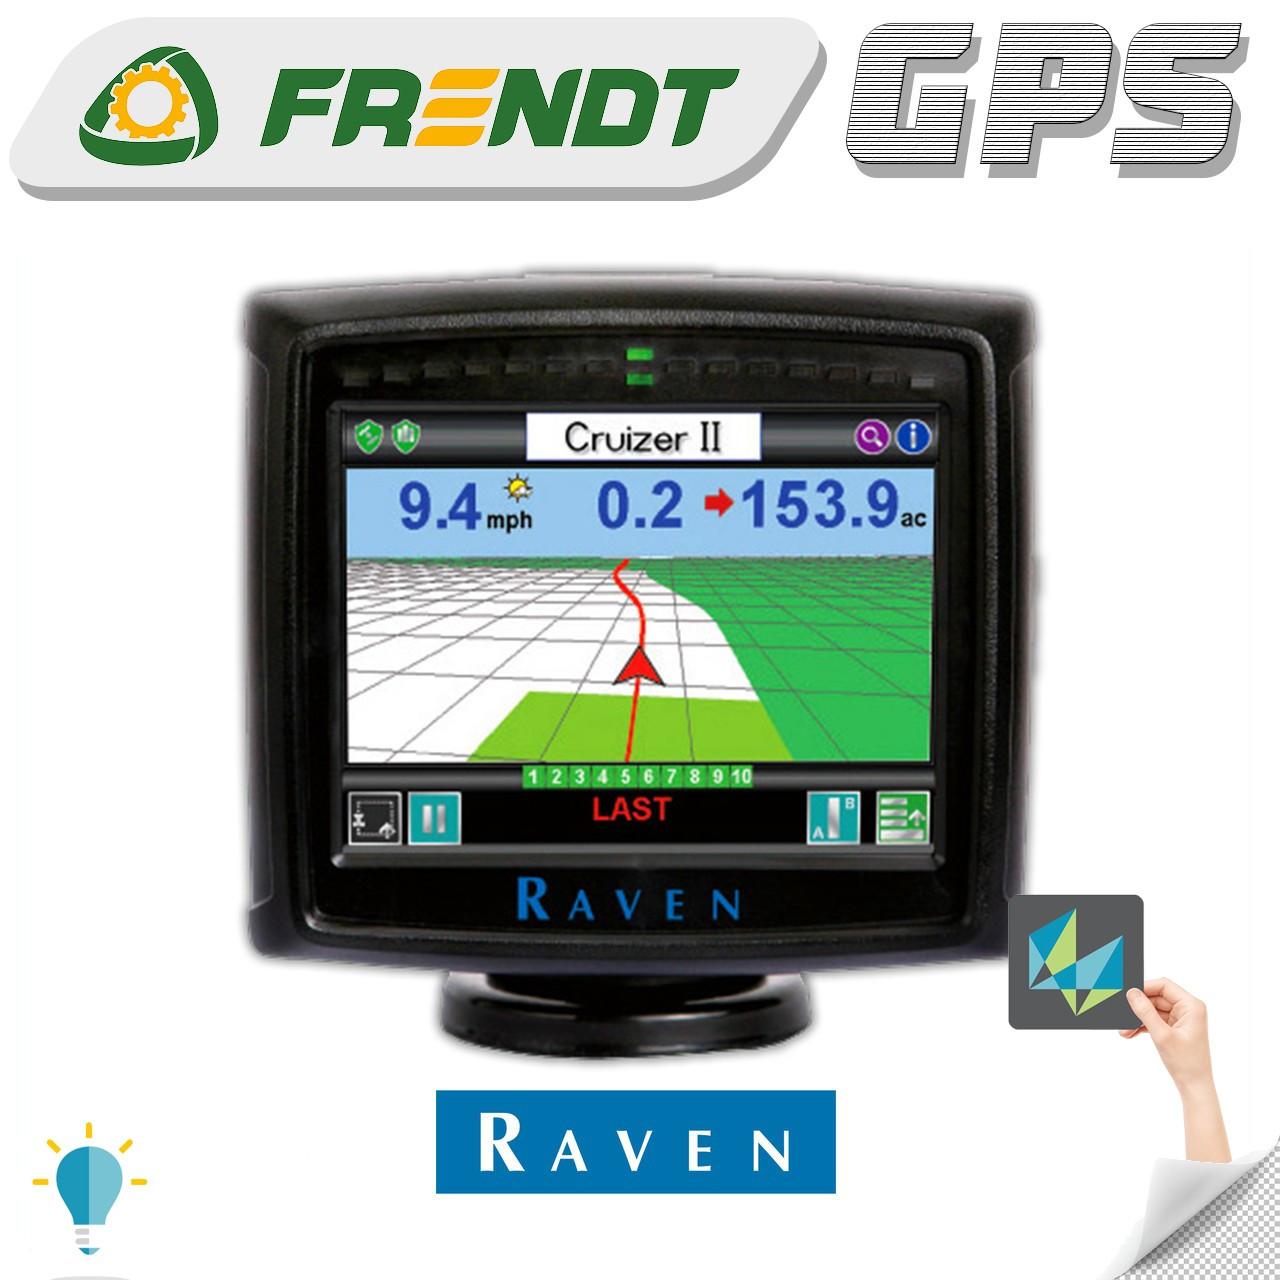 Gps навігатор для трактора (навігатор для поля, сільгосп навігатор) RAVEN Cruizer II